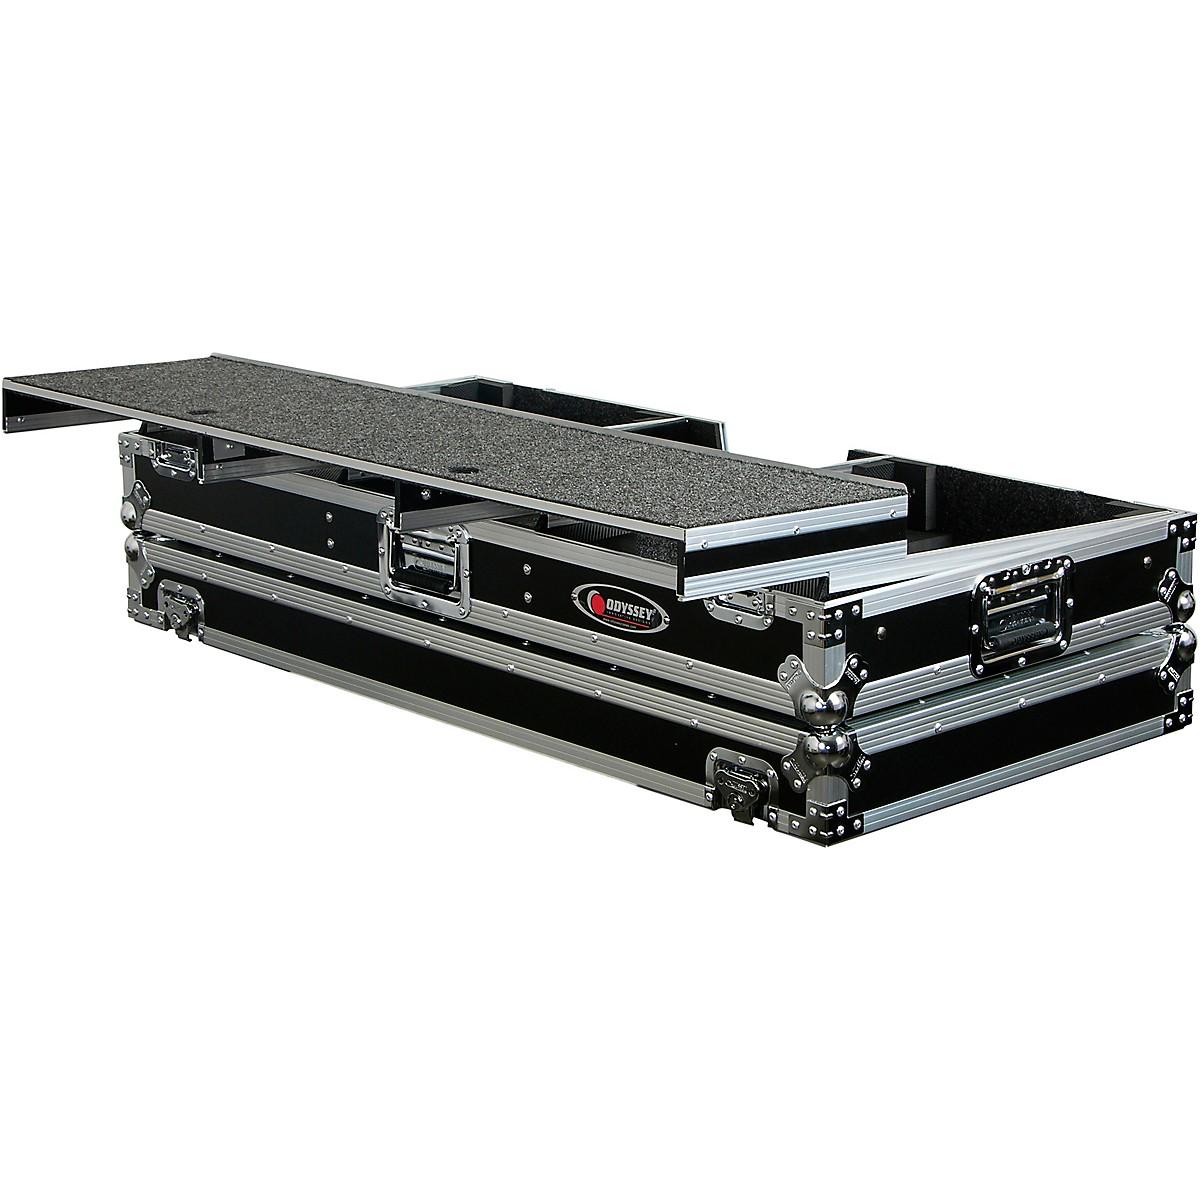 Odyssey FZGSPDJ12W Universal Turntable DJ Coffin with Wheels